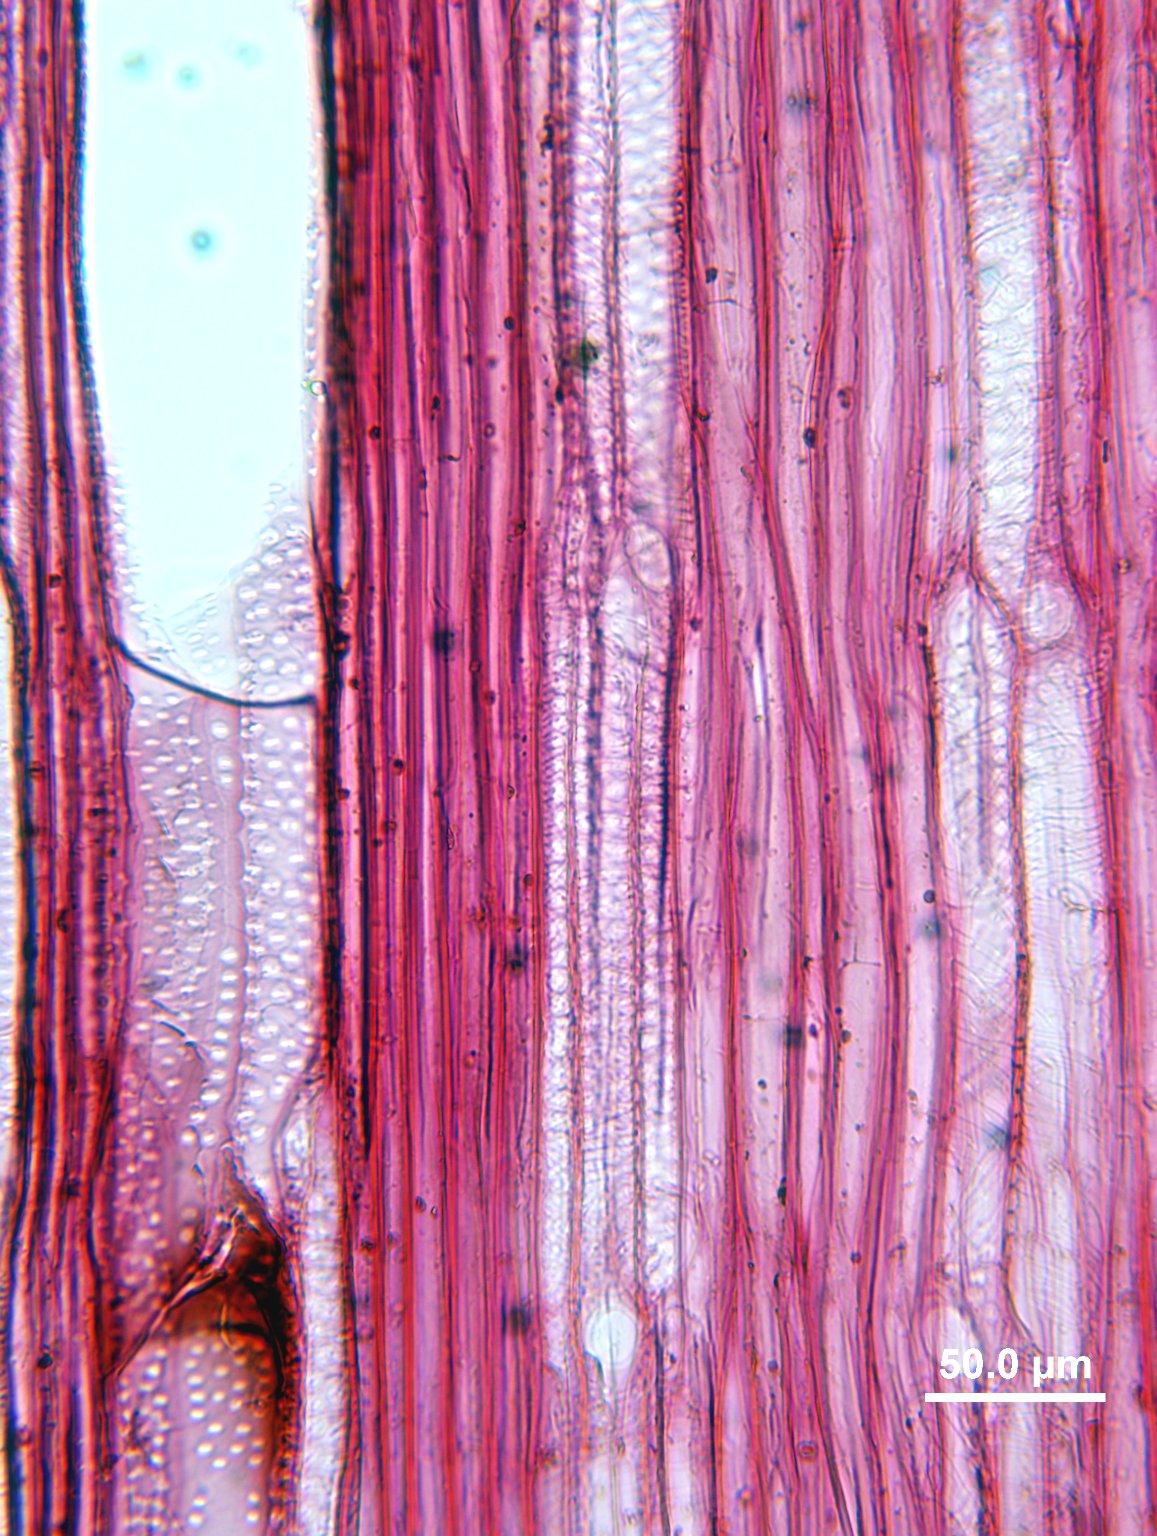 BERBERIDACEAE Berberis vulgaris